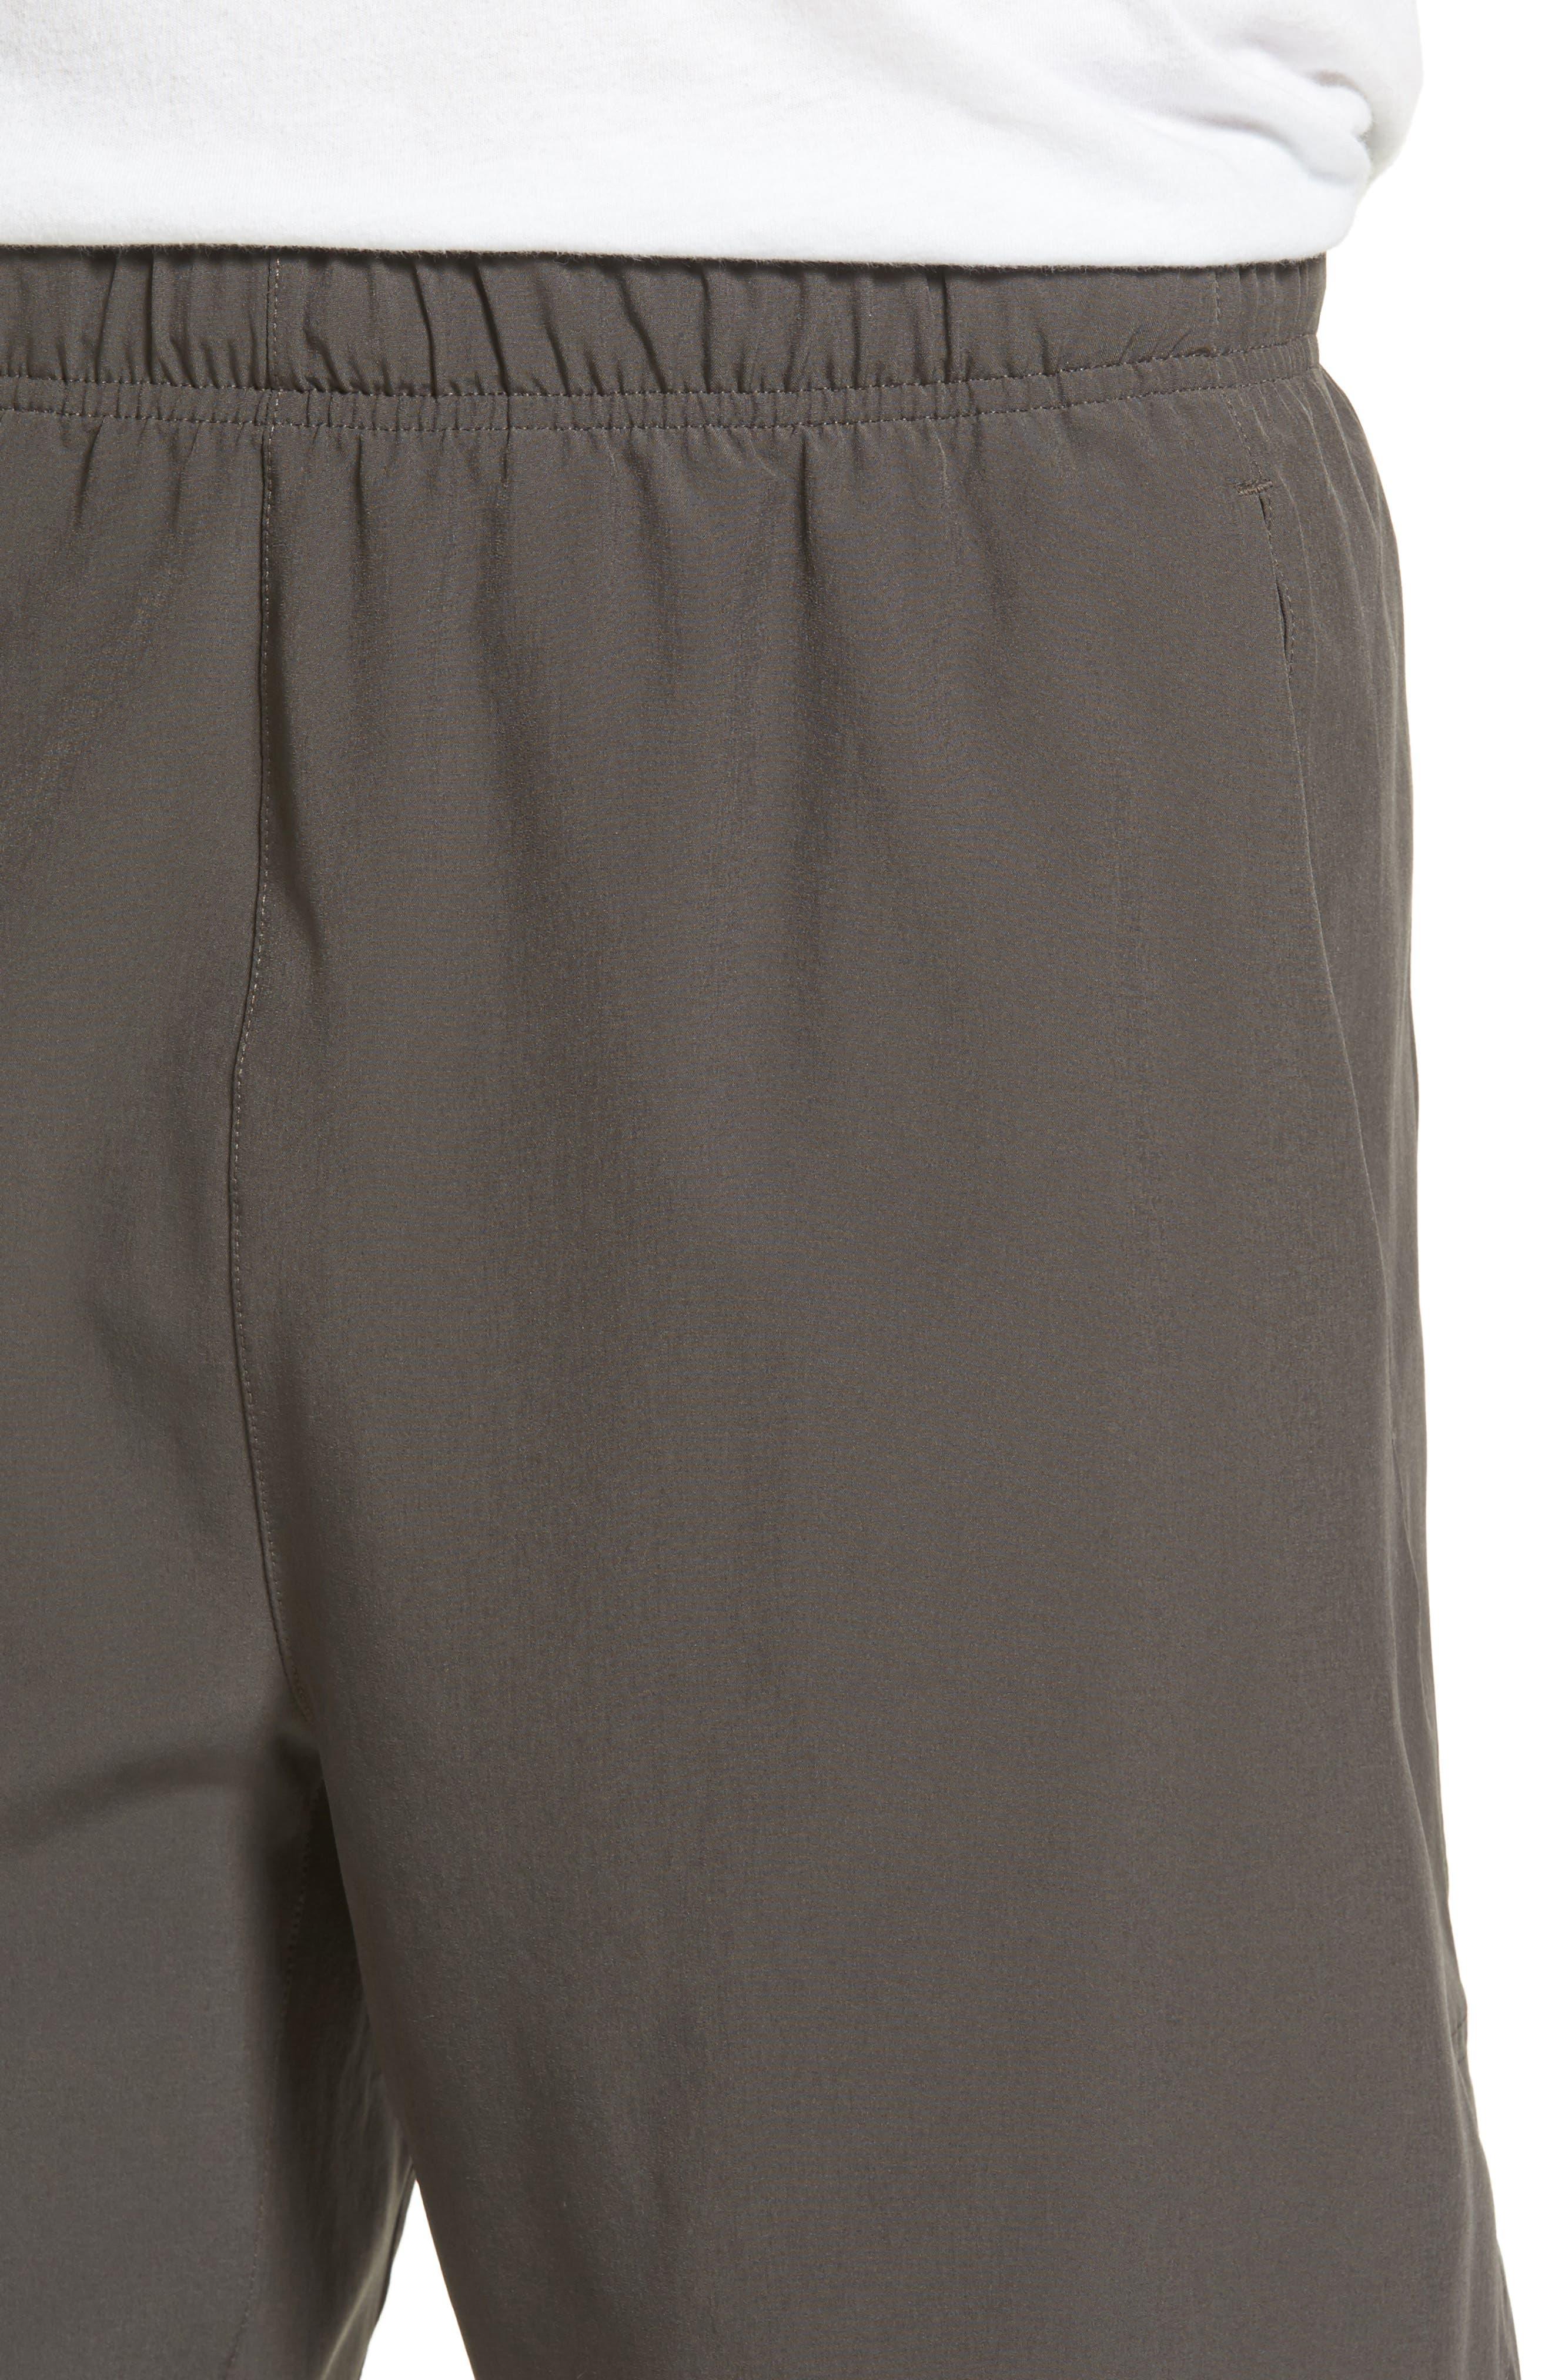 Alternate Image 4  - Nike Flex Training Shorts